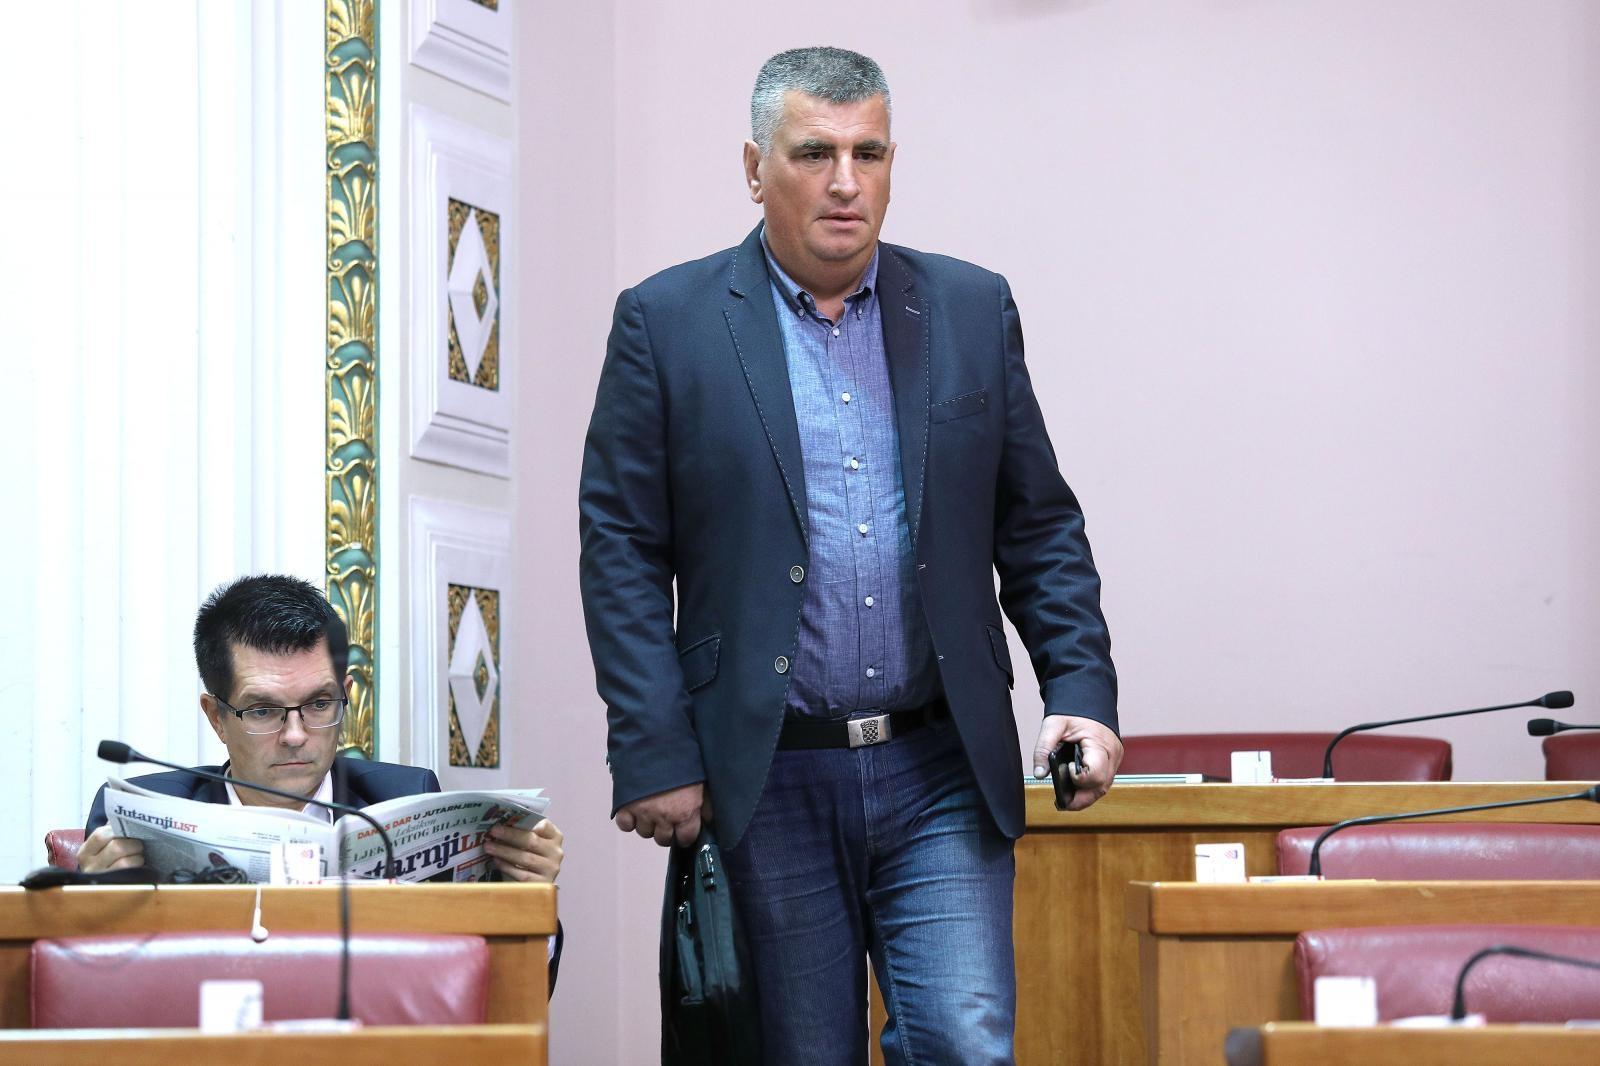 BULJ 'Zar Dalmacija ne zaslužuje ozbiljan infrastrukturni projekt?'